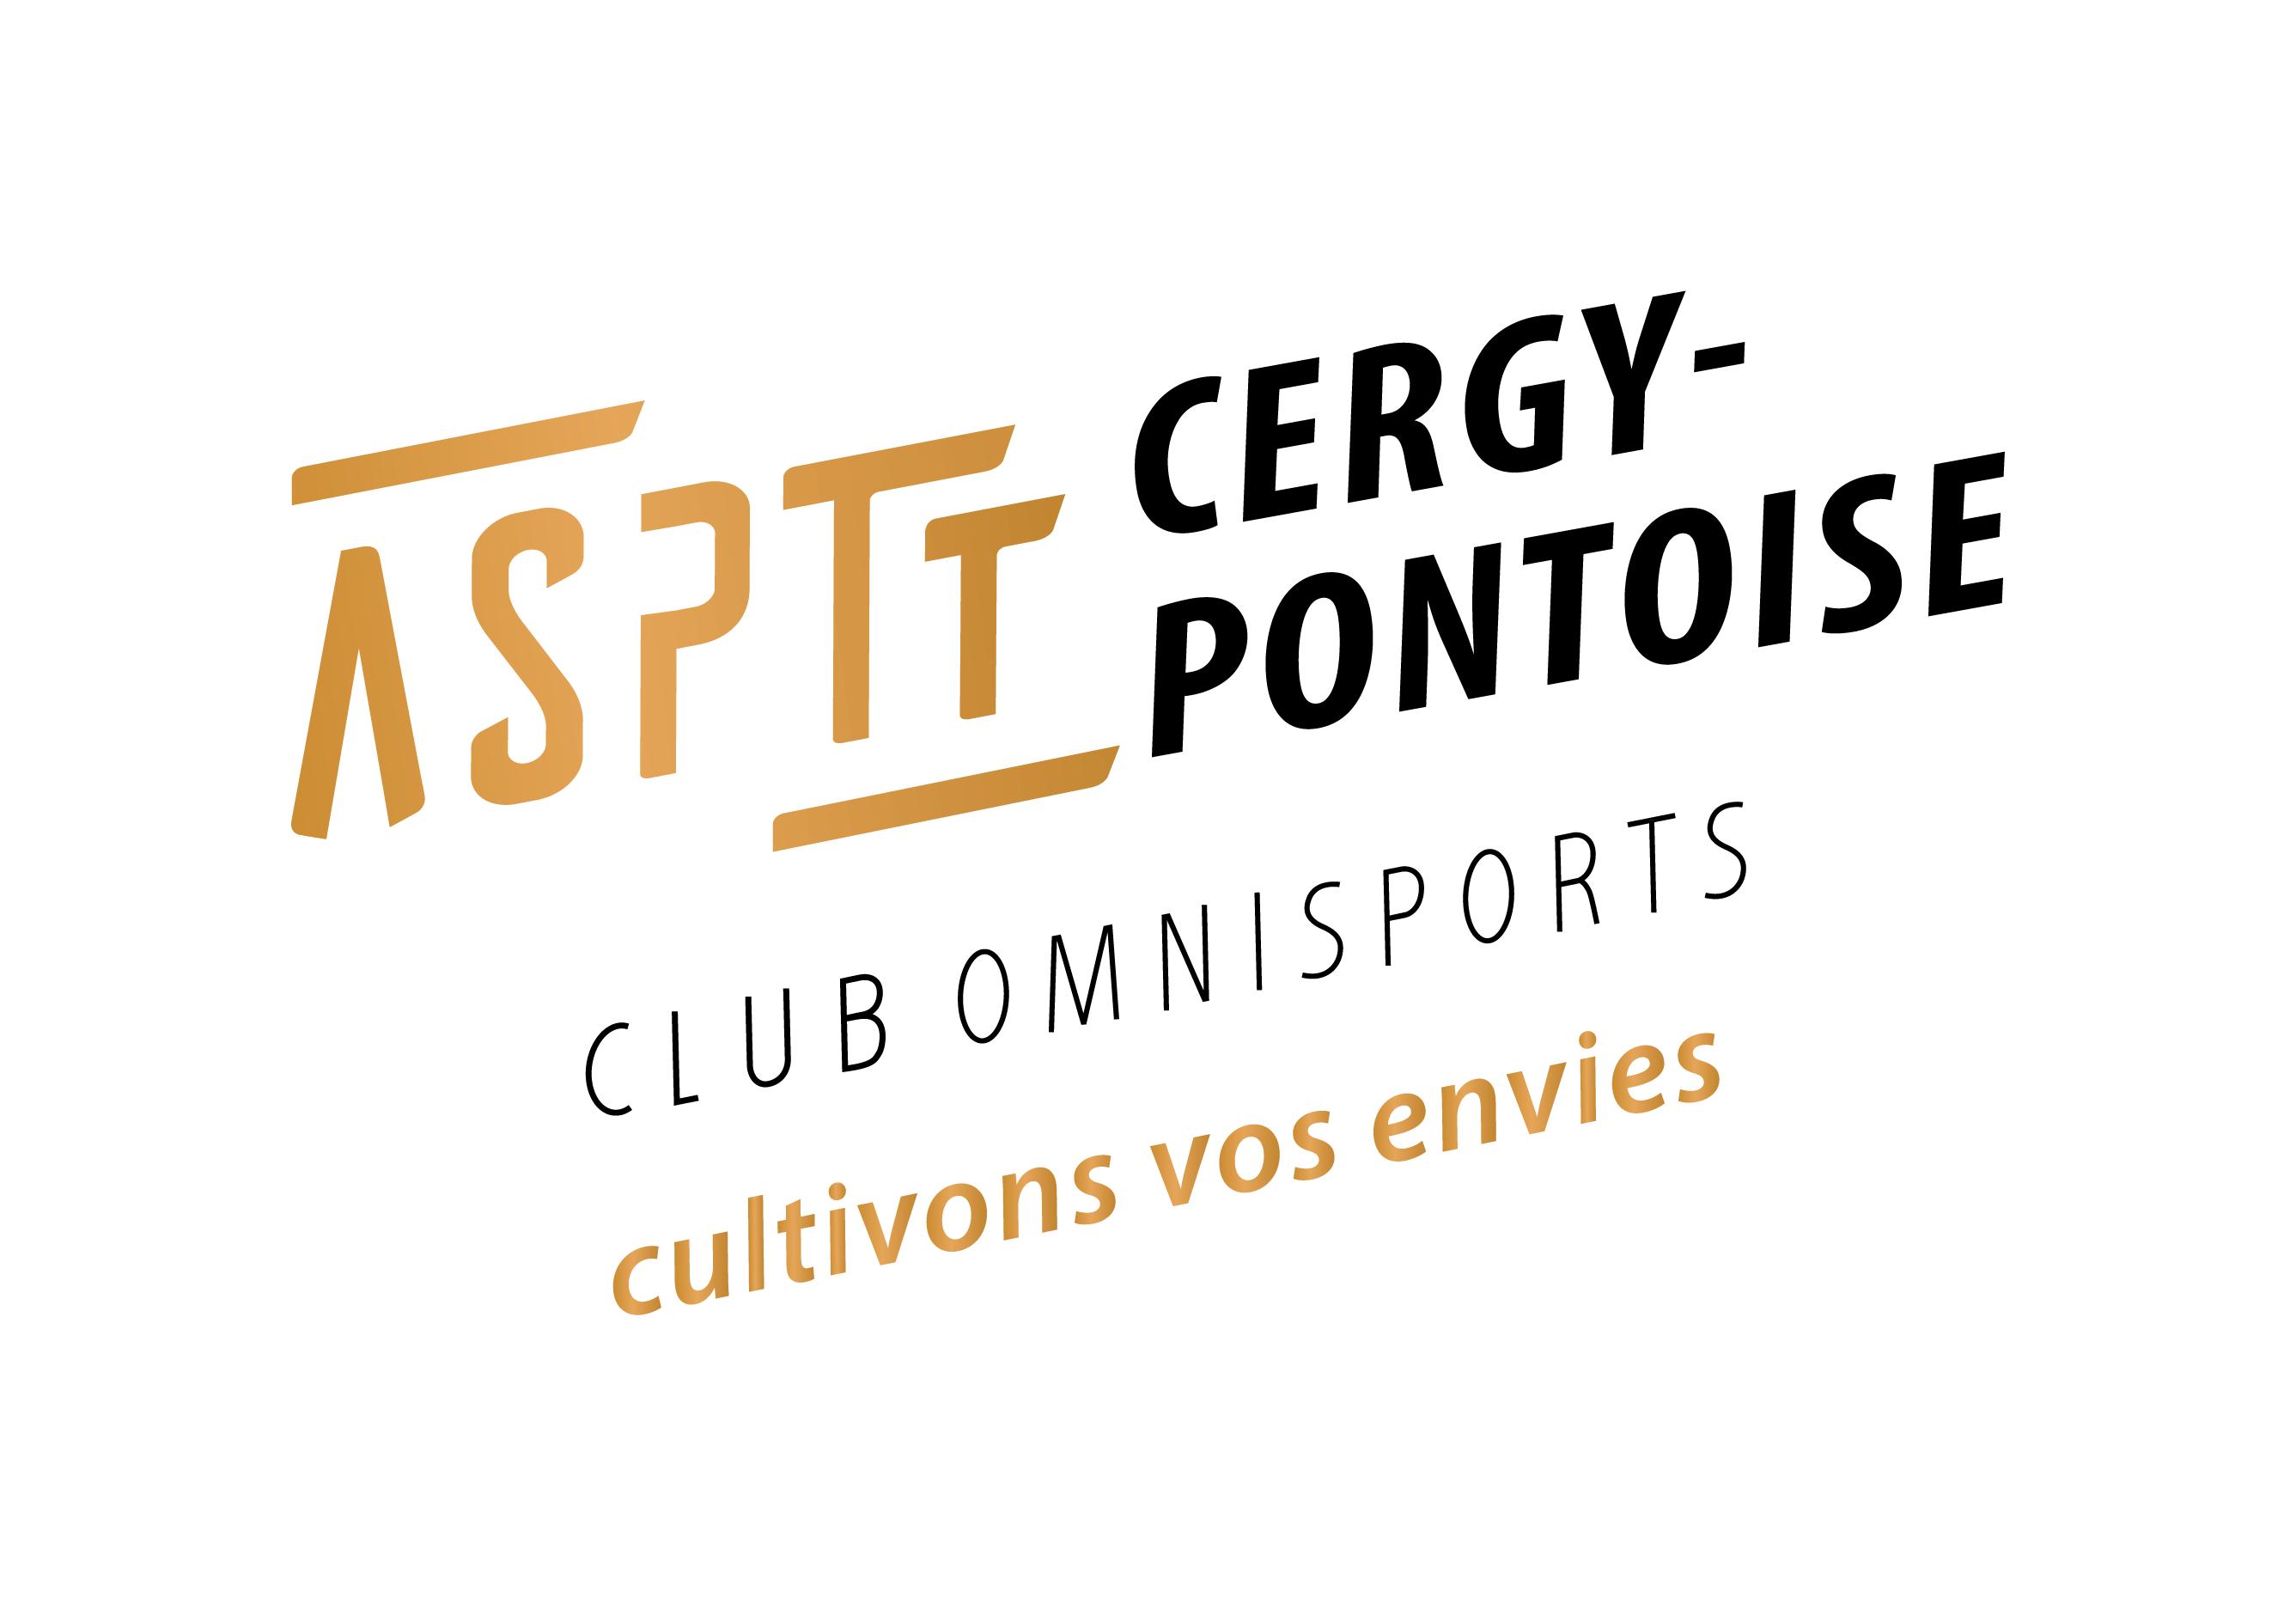 ASPTT Cergy-Pontoise